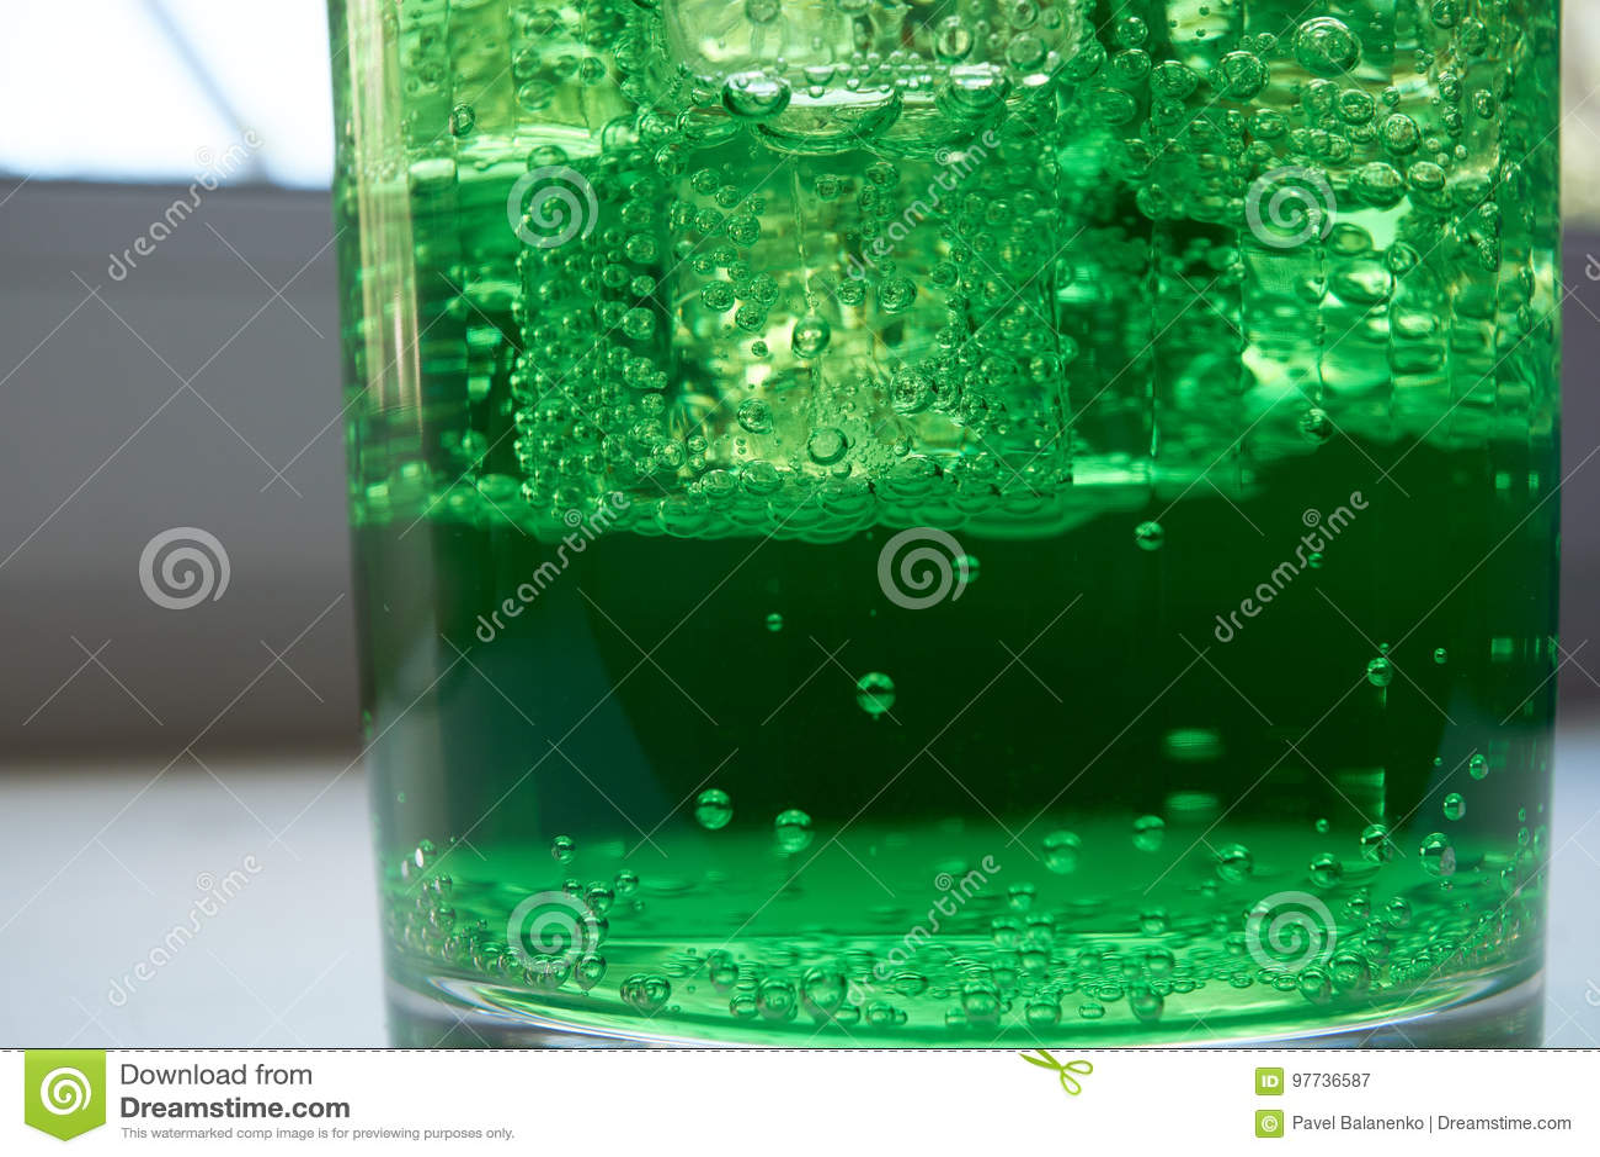 Tiro do close up de uma água ventilada verde